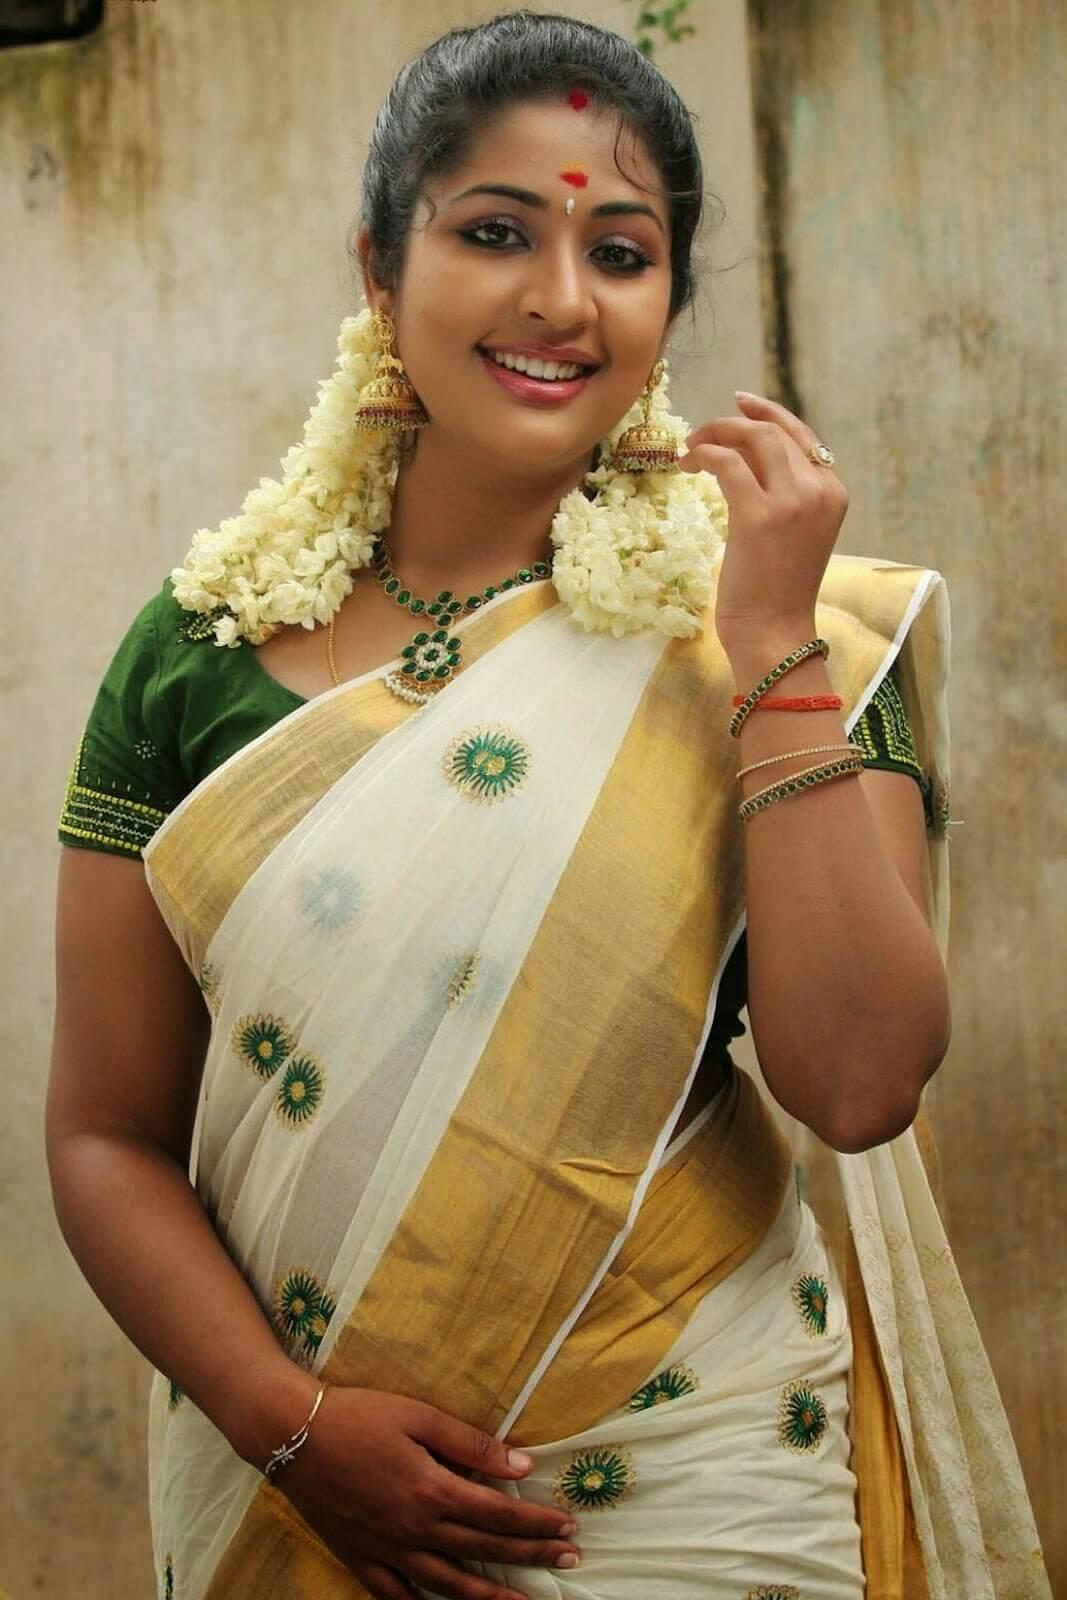 Malayalam Actress Navya Nair Smiling Stills In White Saree -2981